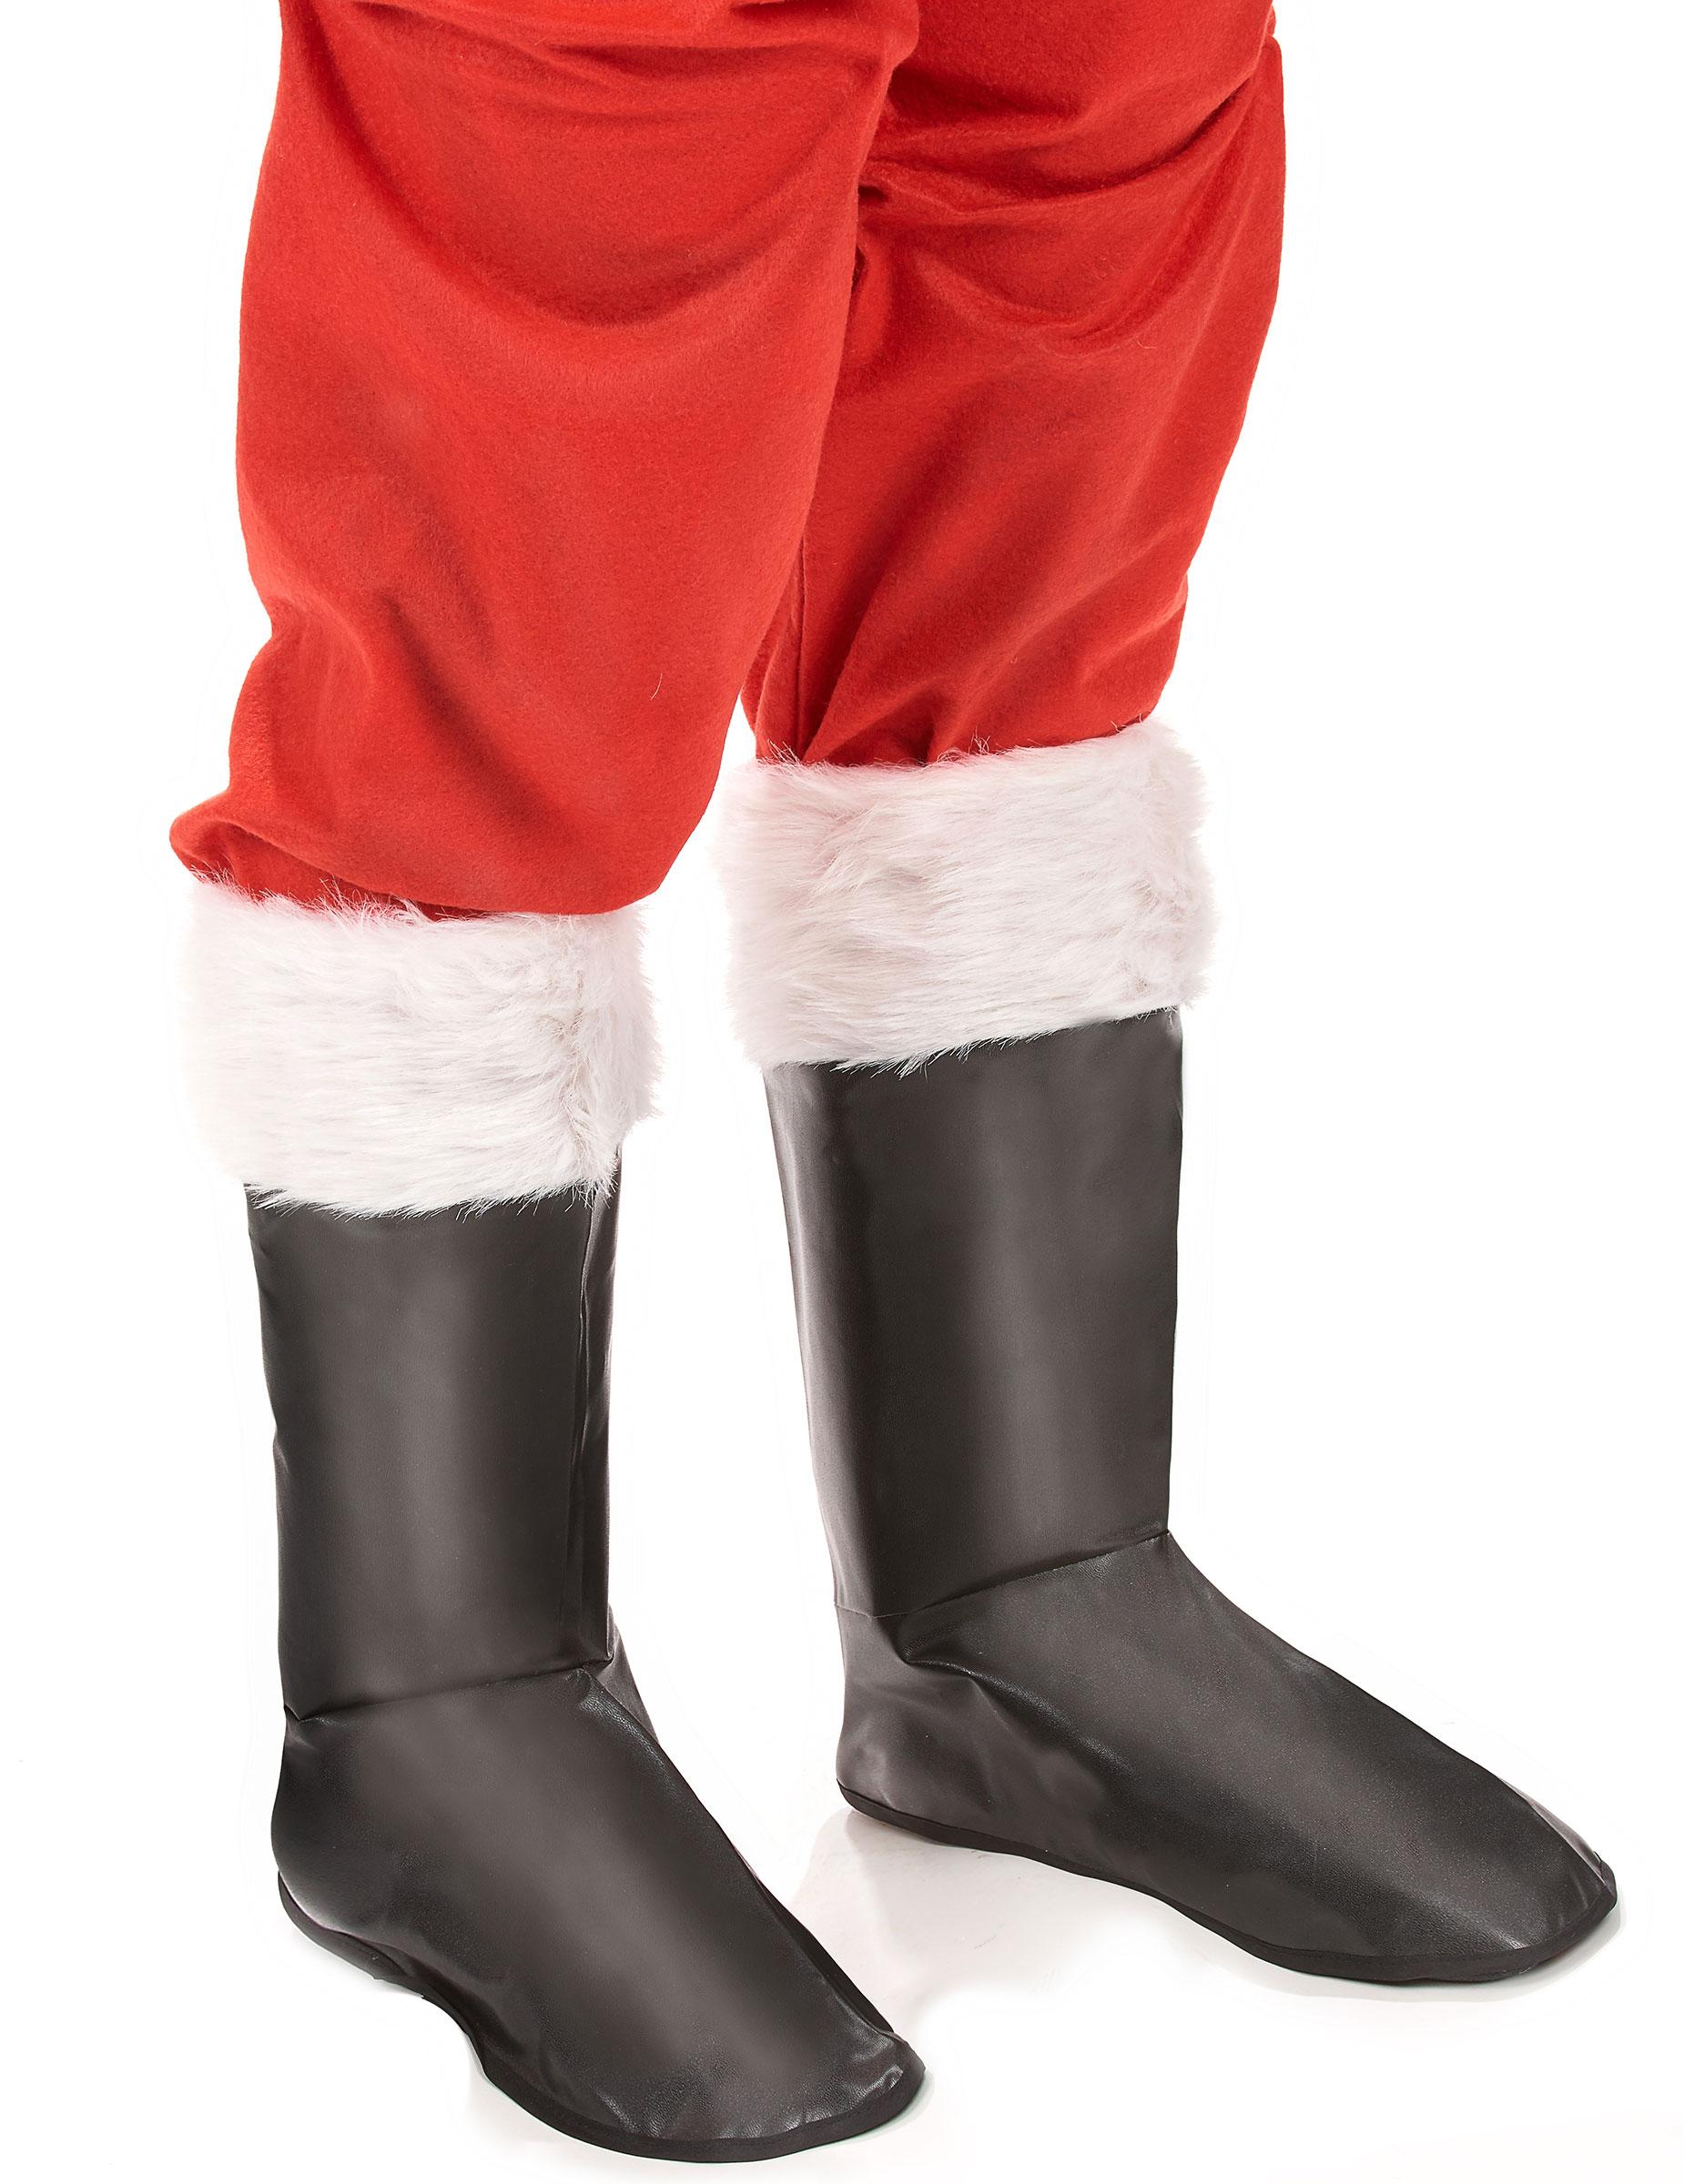 Sur-bottes Père Noel Noir ABuwxuxfc